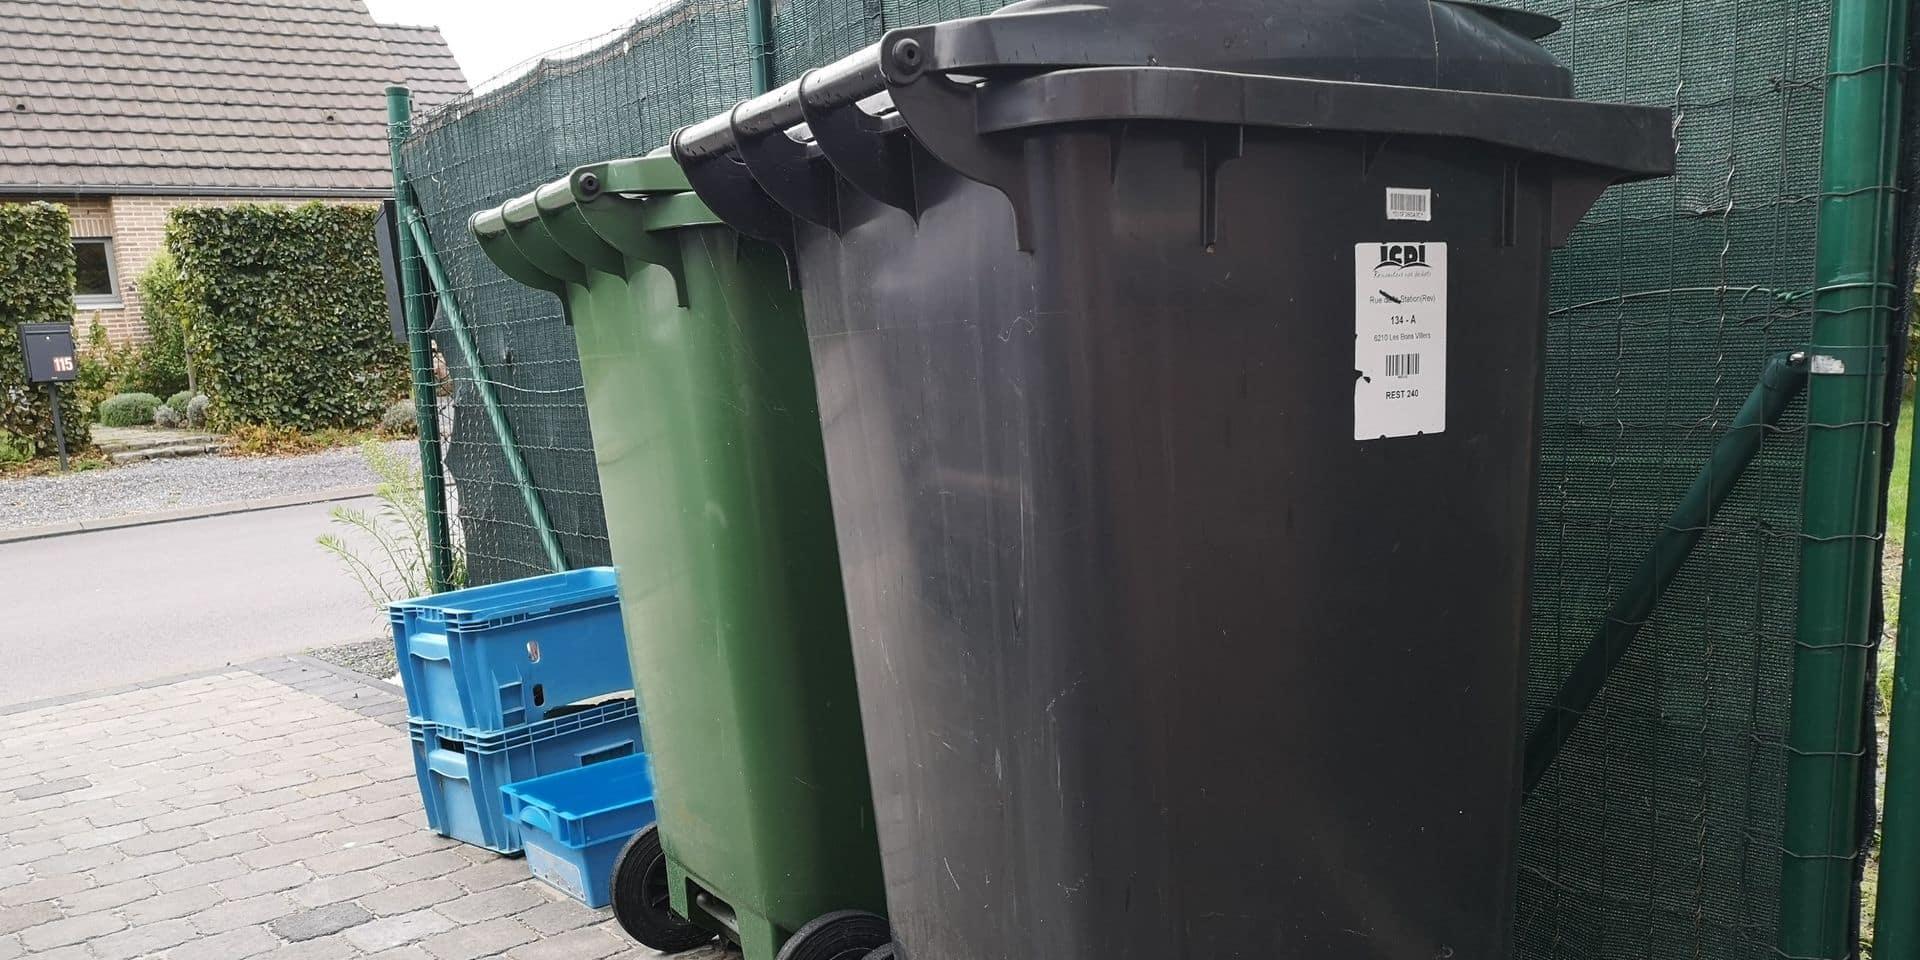 Le sac-poubelle un peu plus cher à Waterloo, la poubelle à puce envisagée